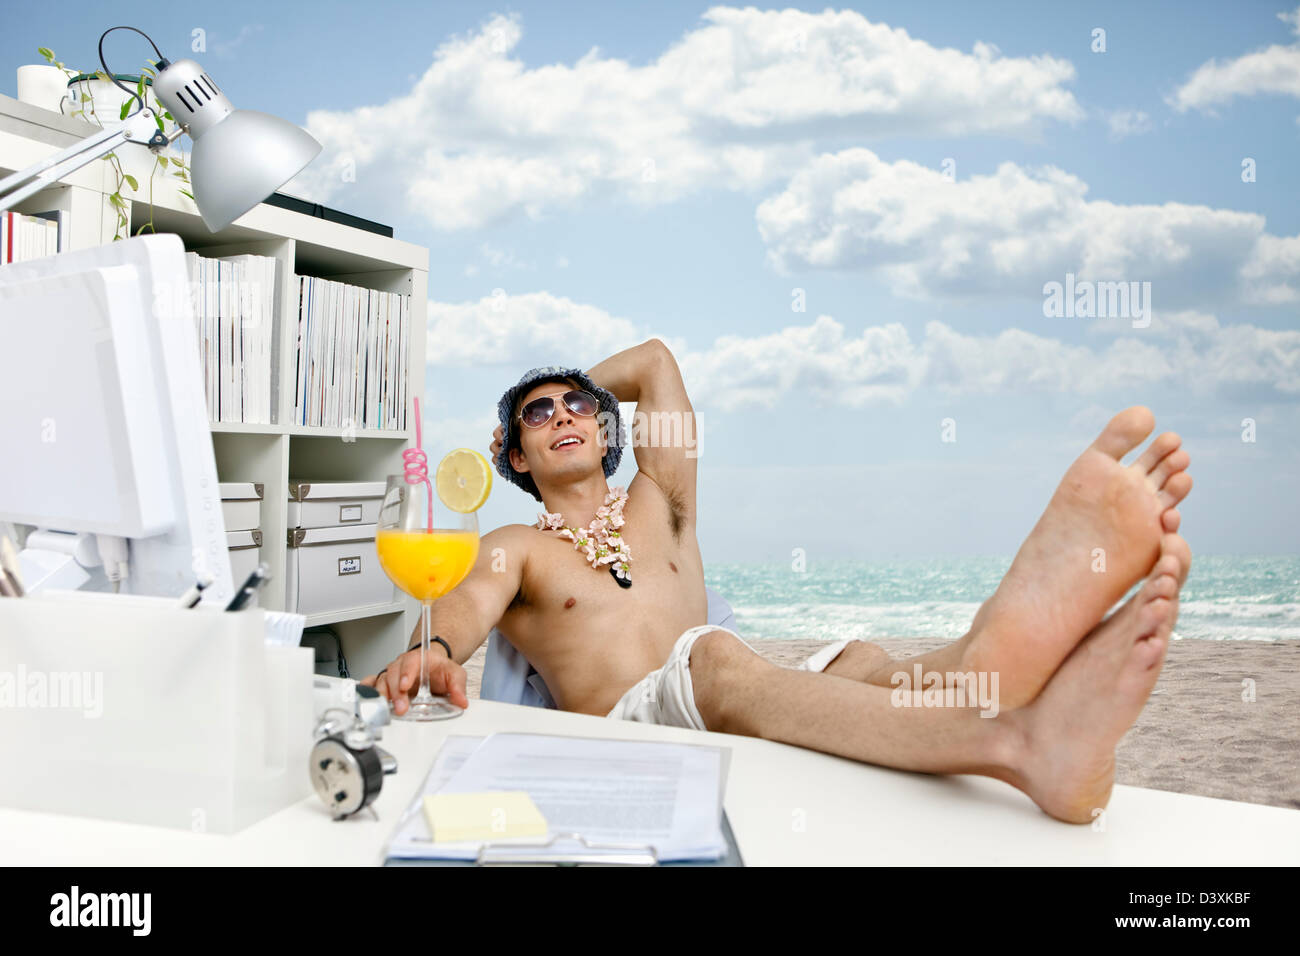 junger Mann bei Arbeit Tagträumen über Strand, Cocktails und leichten Leben Stockbild